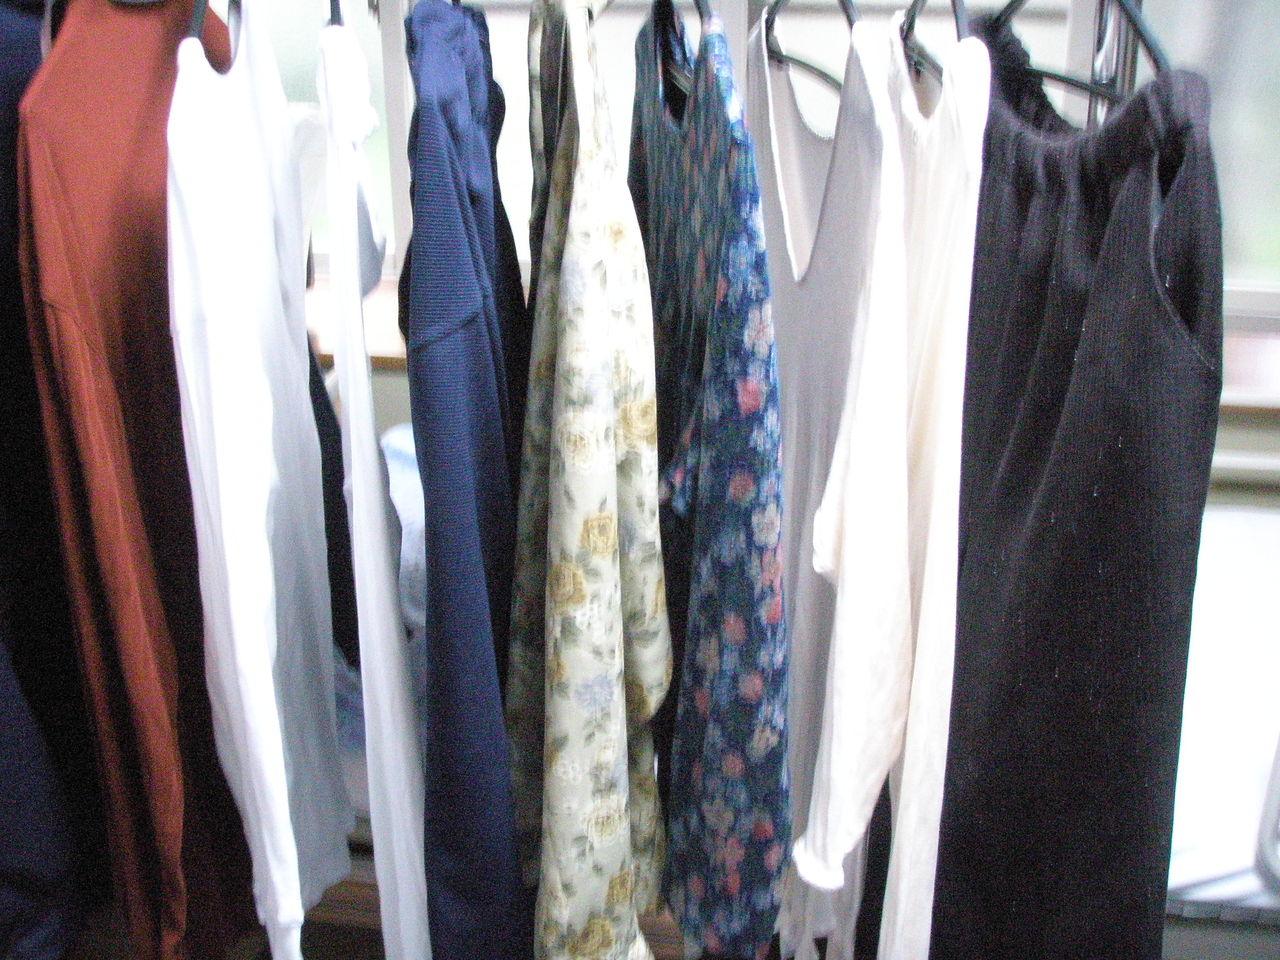 只今孔雀庵の和室には大量の洗濯物があります。この洗濯物は本日デイサービス... アパートメント孔